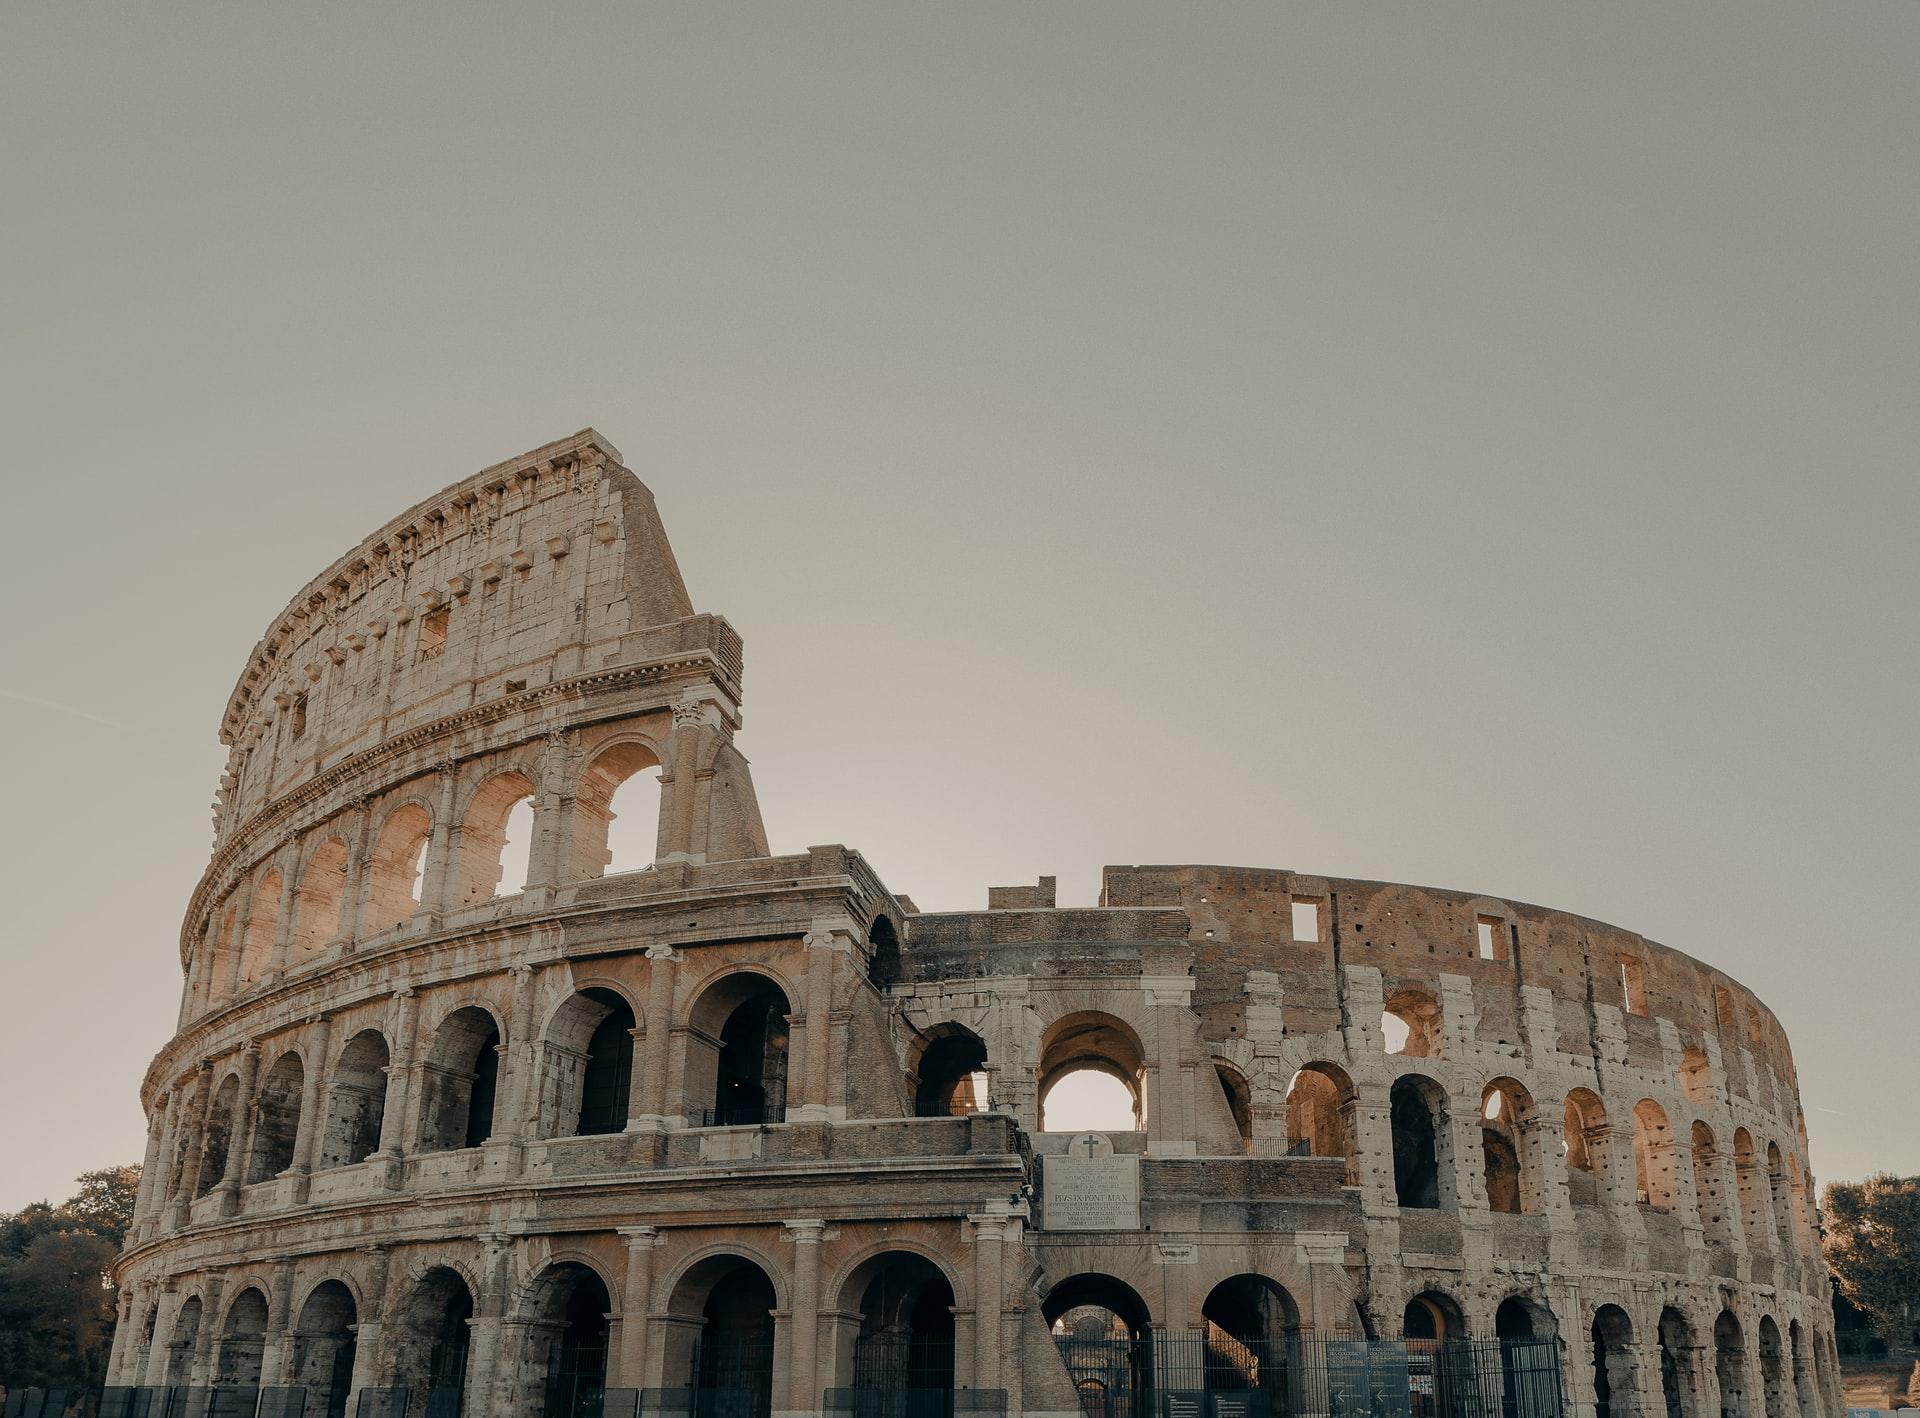 نمای بیرونی کولوسئوم در شهر رم